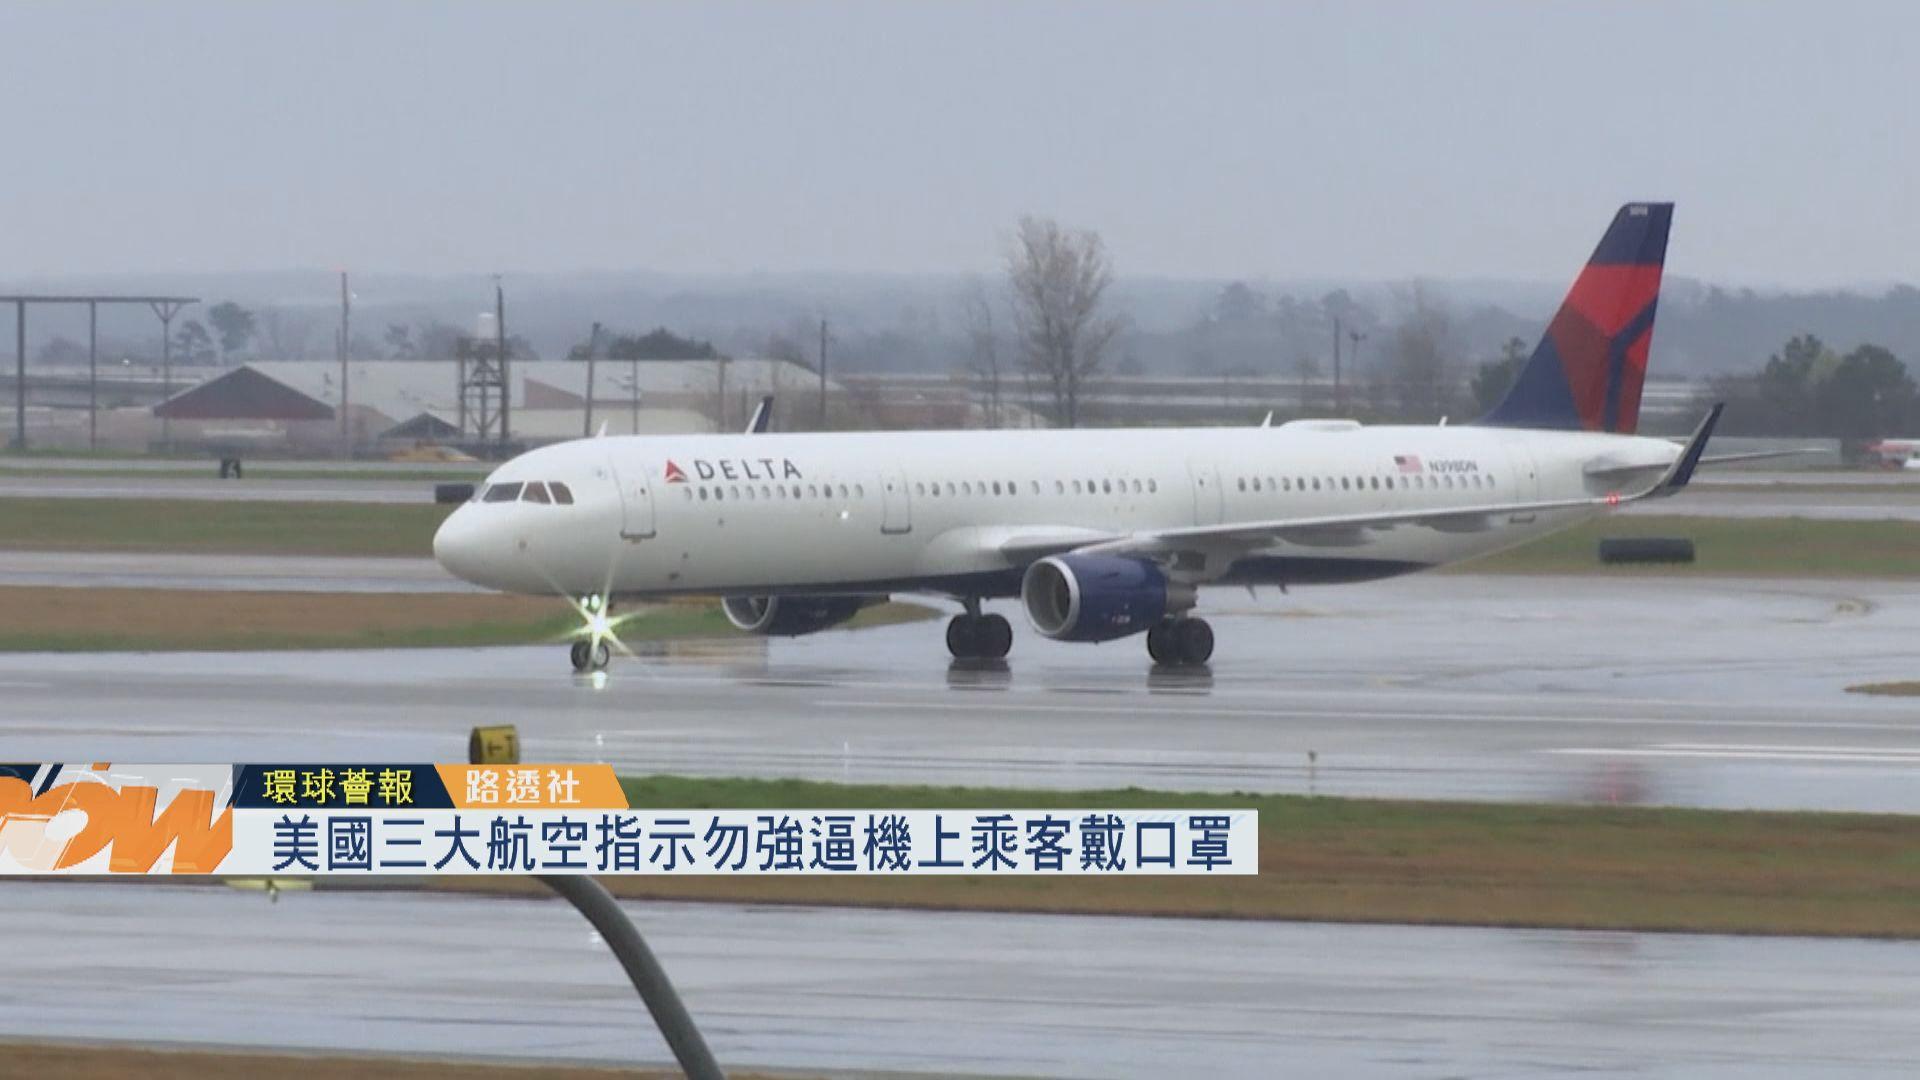 【環球薈報】美國三大航空指示勿強逼機上乘客戴口罩